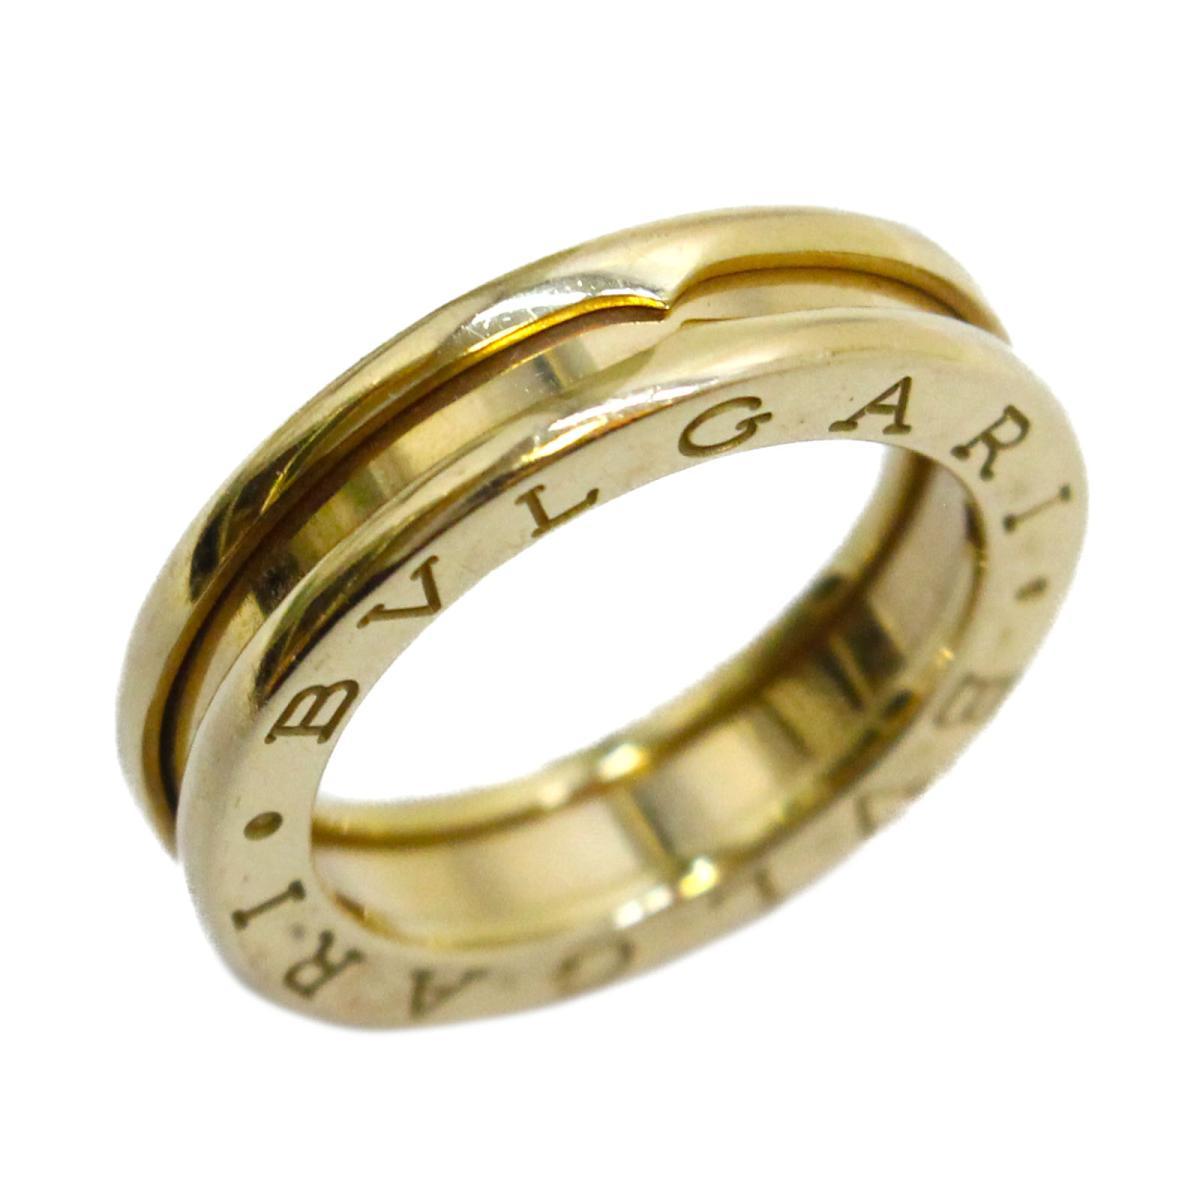 【中古】 ブルガリ B-zero1 リング 指輪 レディース K18YG (750) イエローゴールド   BVLGARI BRANDOFF ブランドオフ ブランド ジュエリー アクセサリー